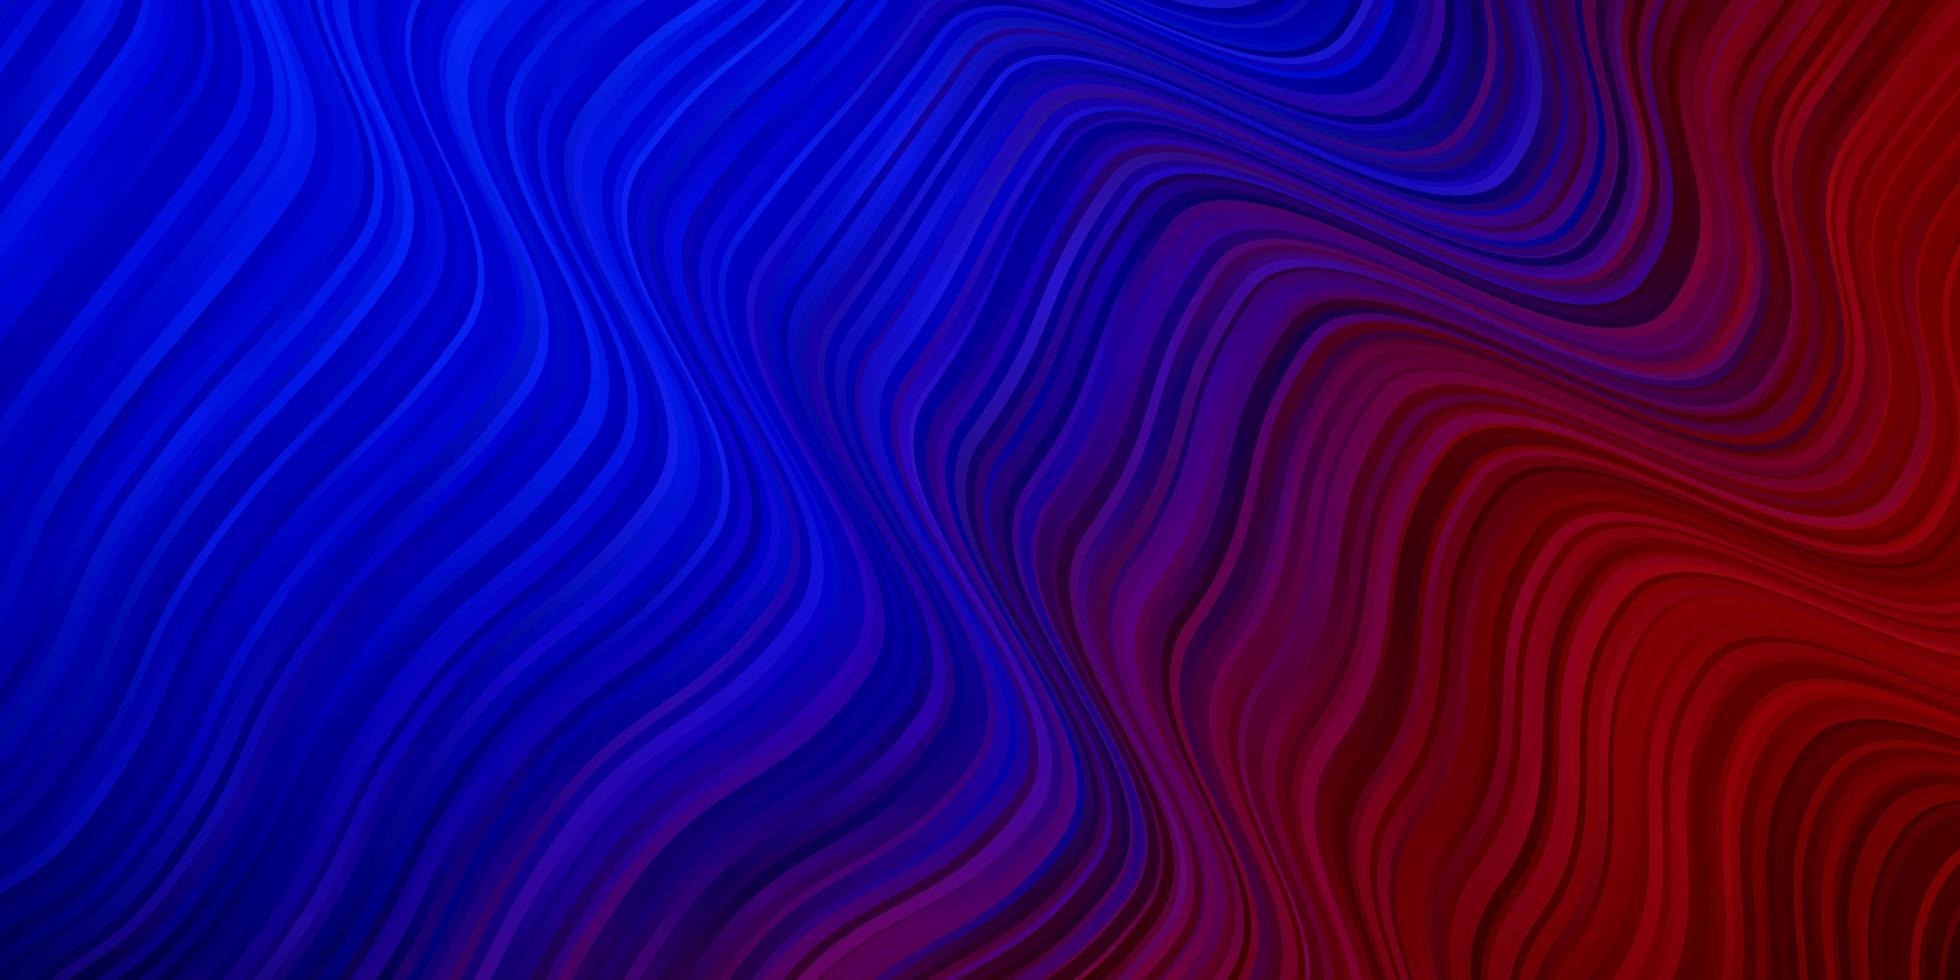 textura de vector azul claro, rojo con líneas torcidas.